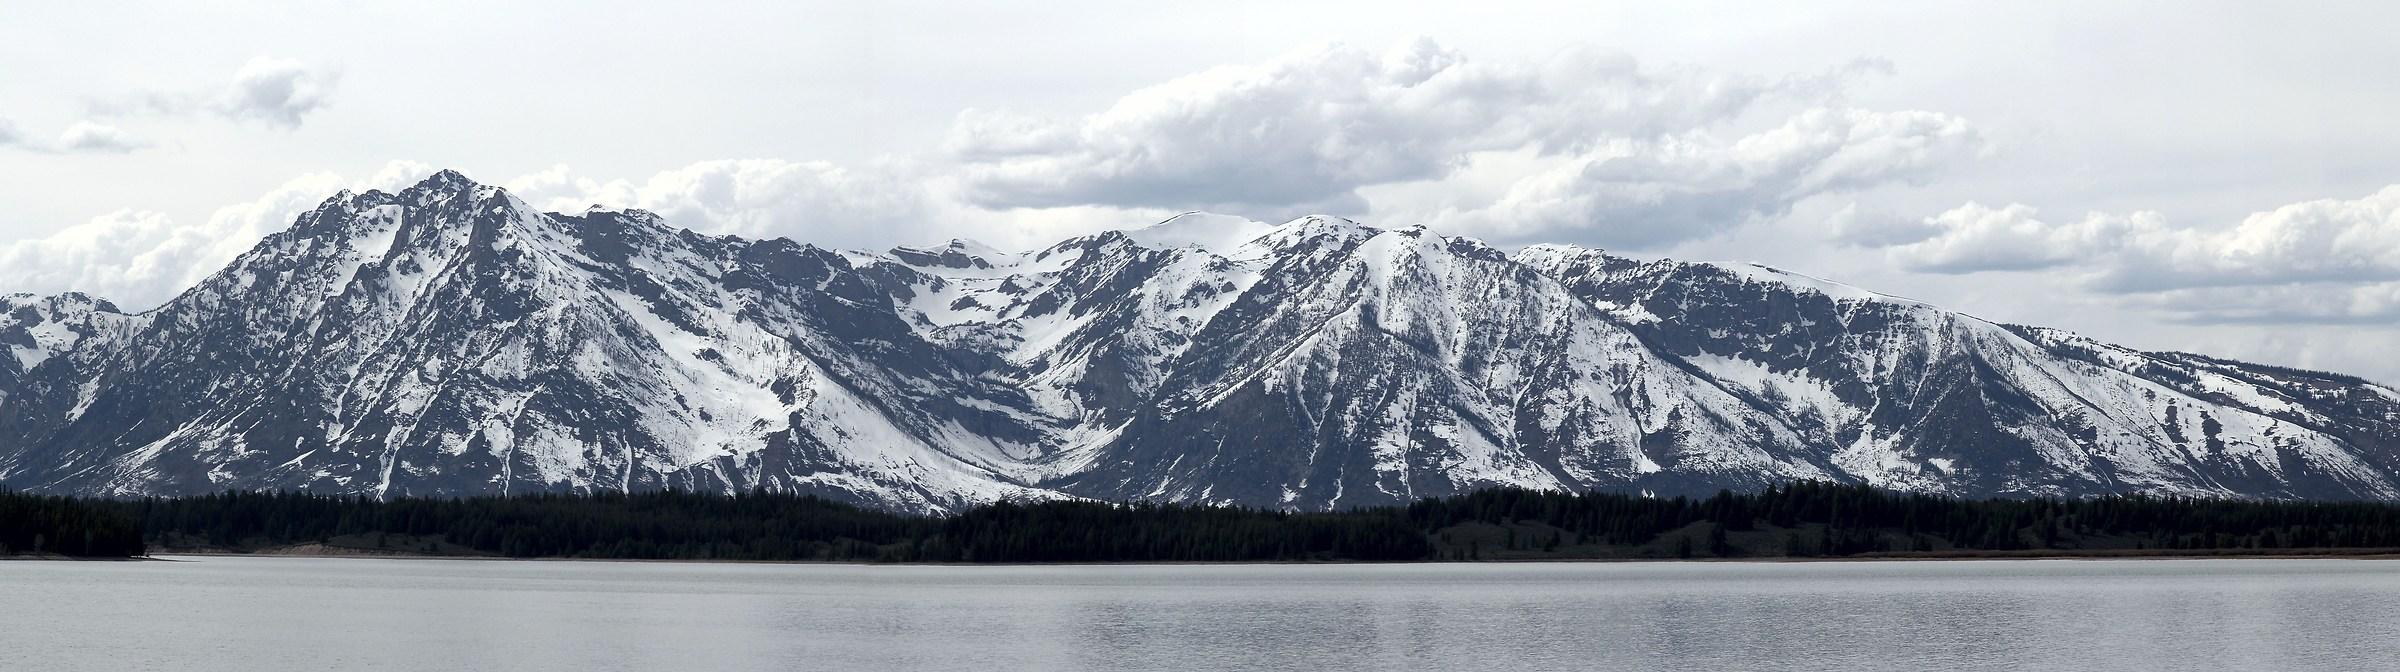 Grand Teton National Park...